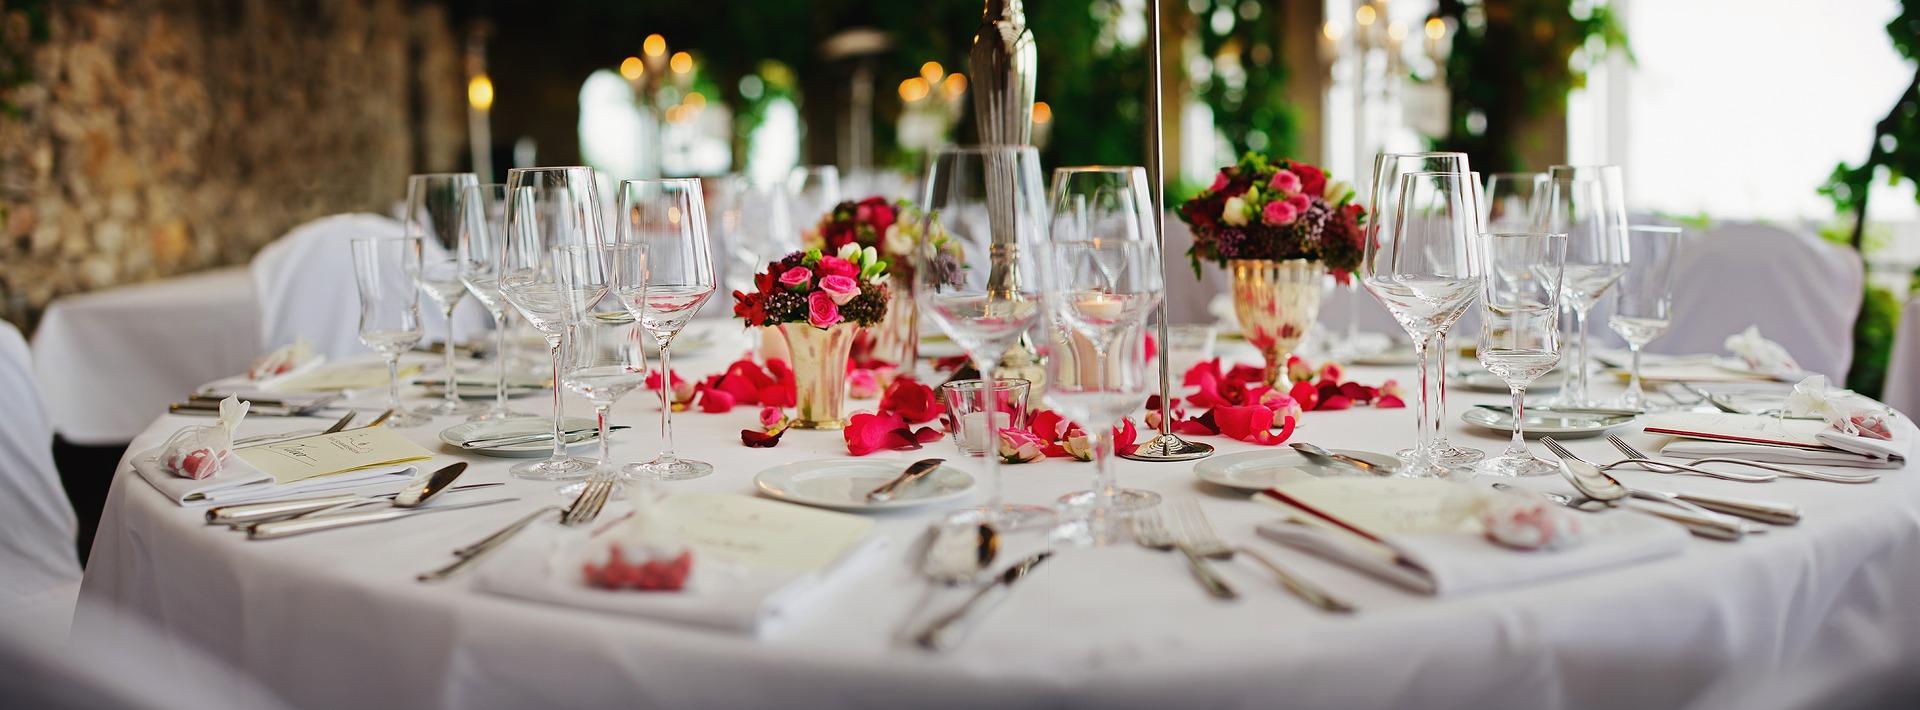 idea-mesa-boda